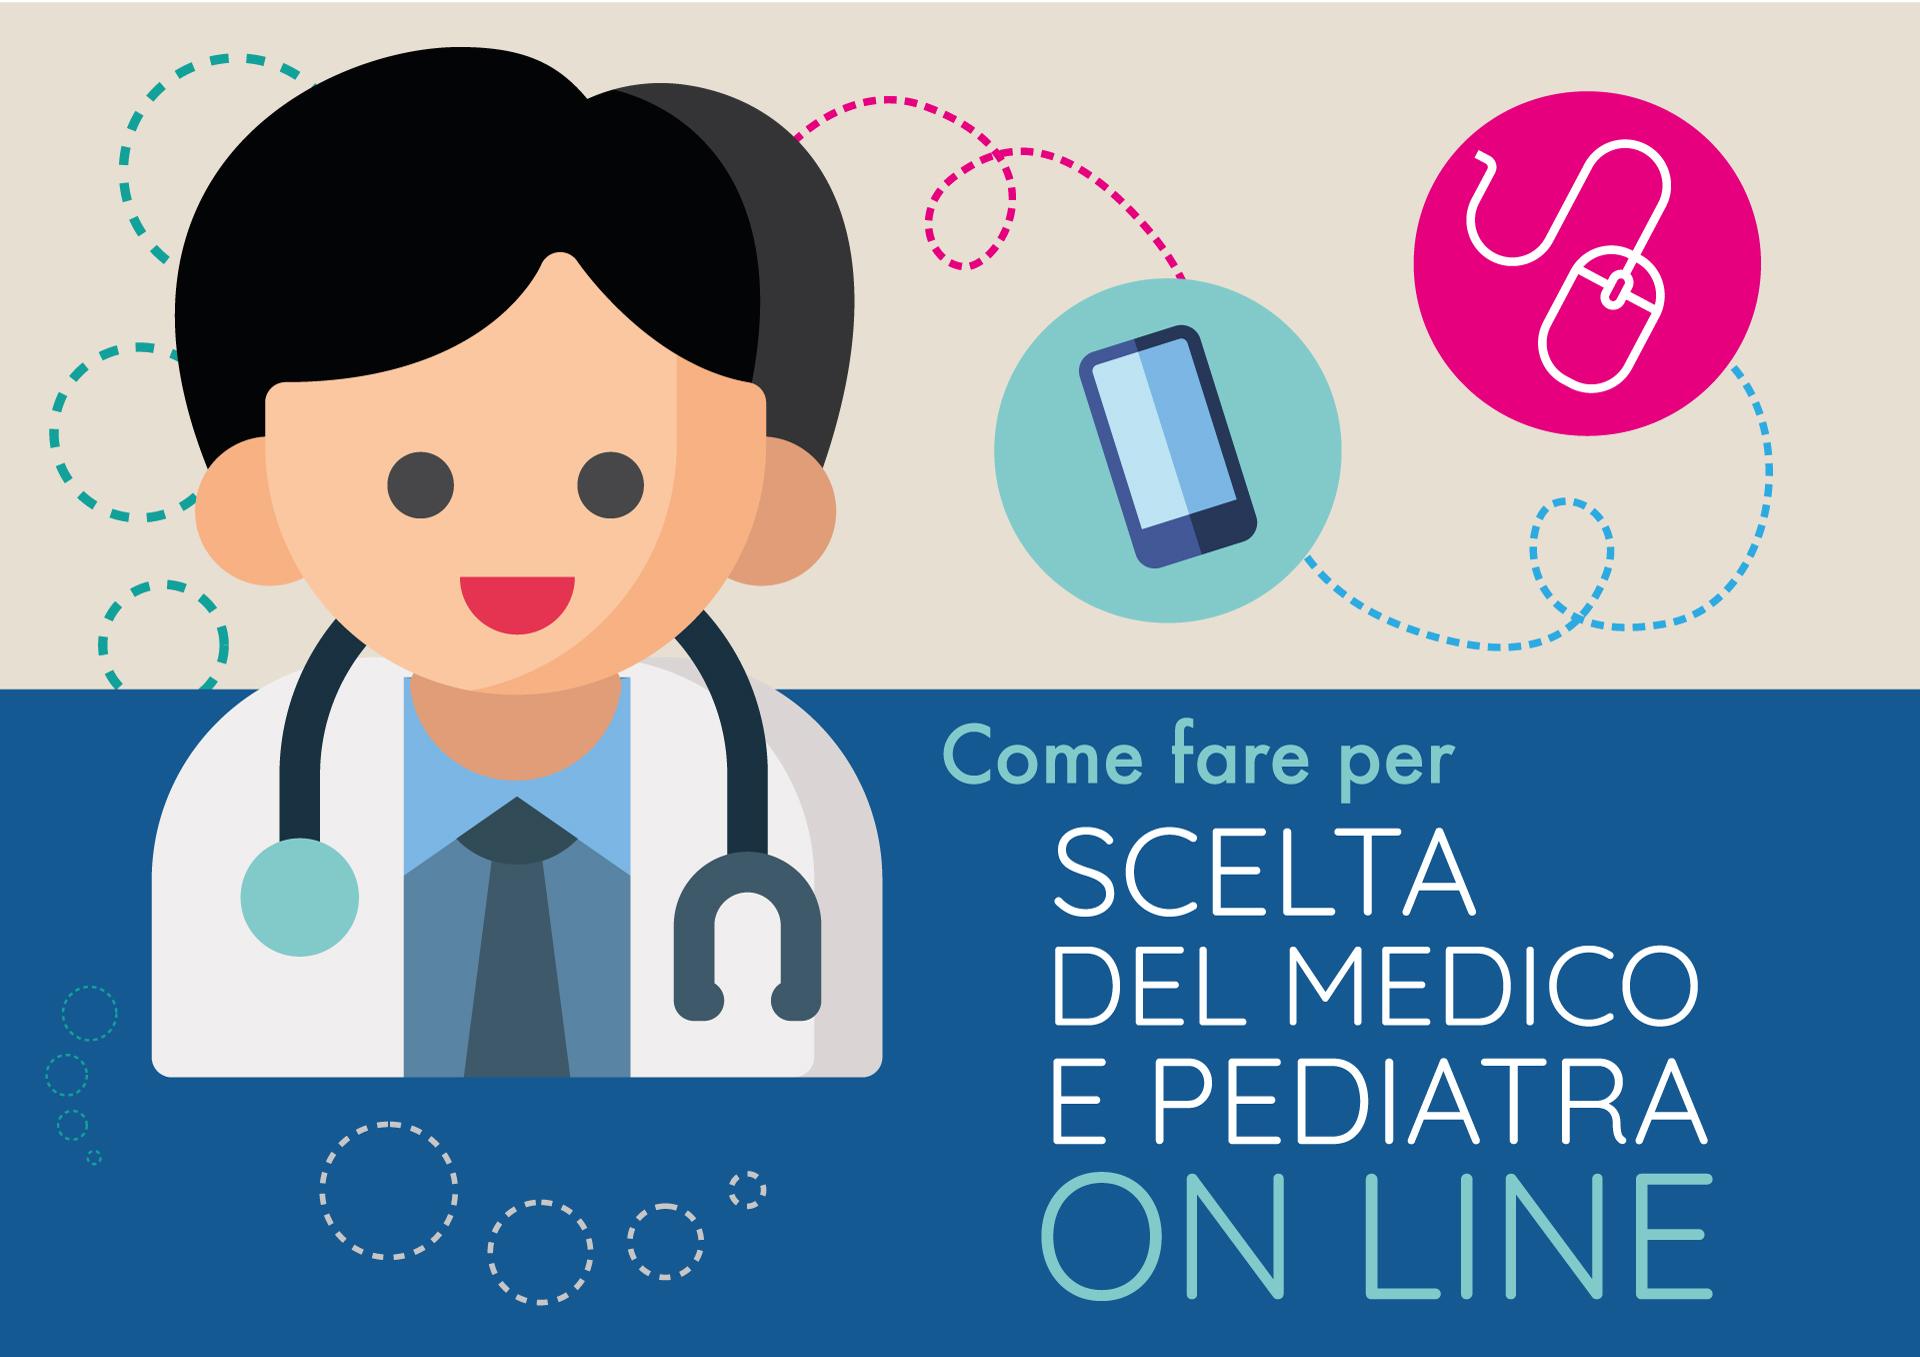 come fare per scelta del medico e pediatra on line